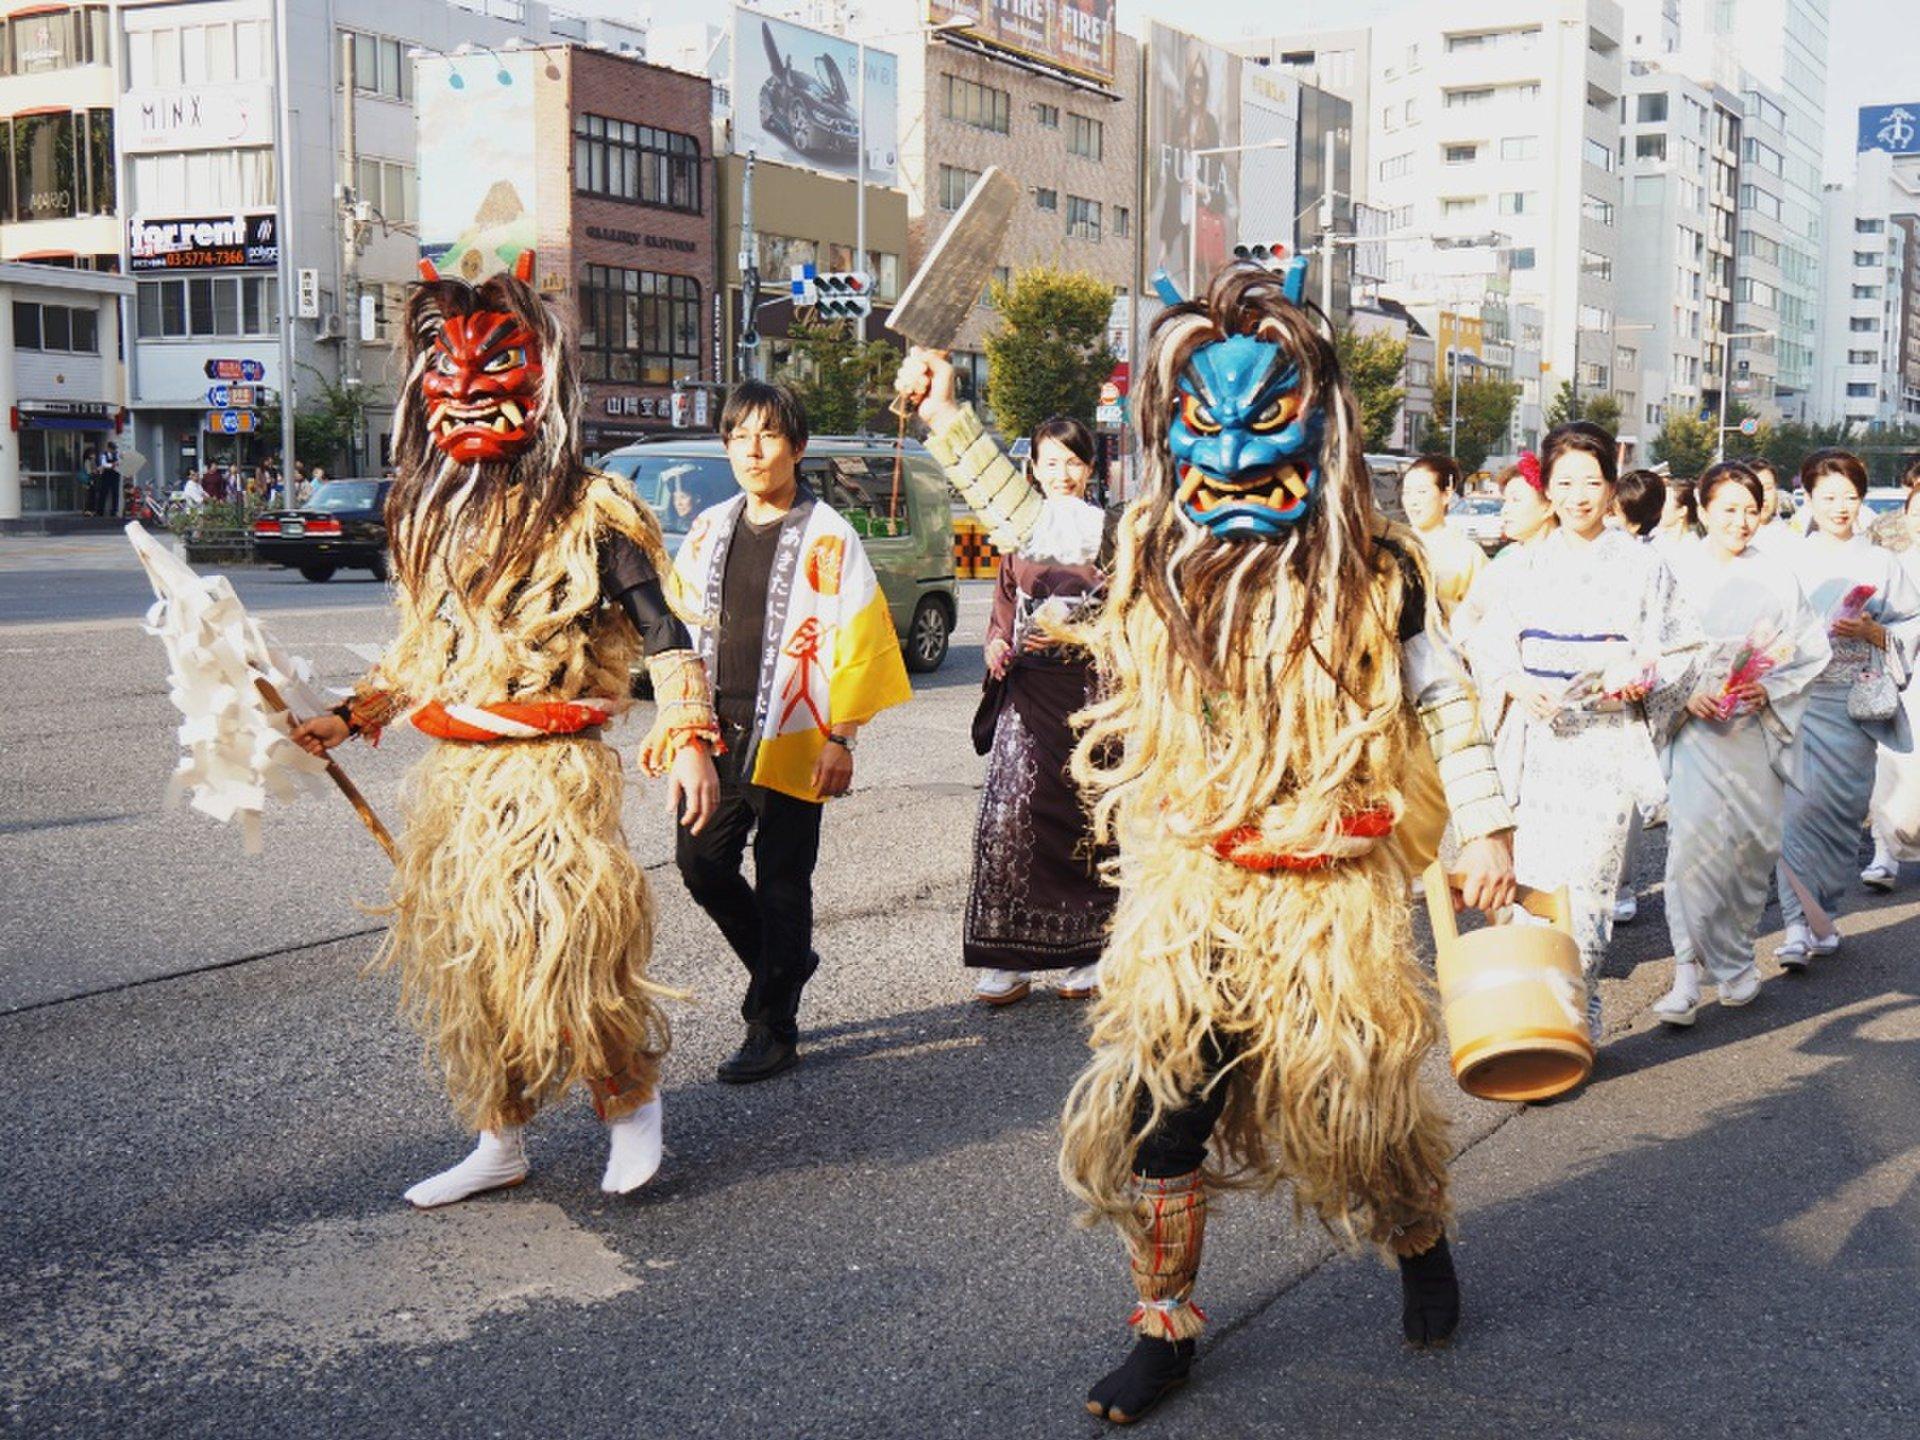 秋田観光は冬にいがねぇが?ナマハゲや湖の伝説が伝わる秋田のおすすめスポット!